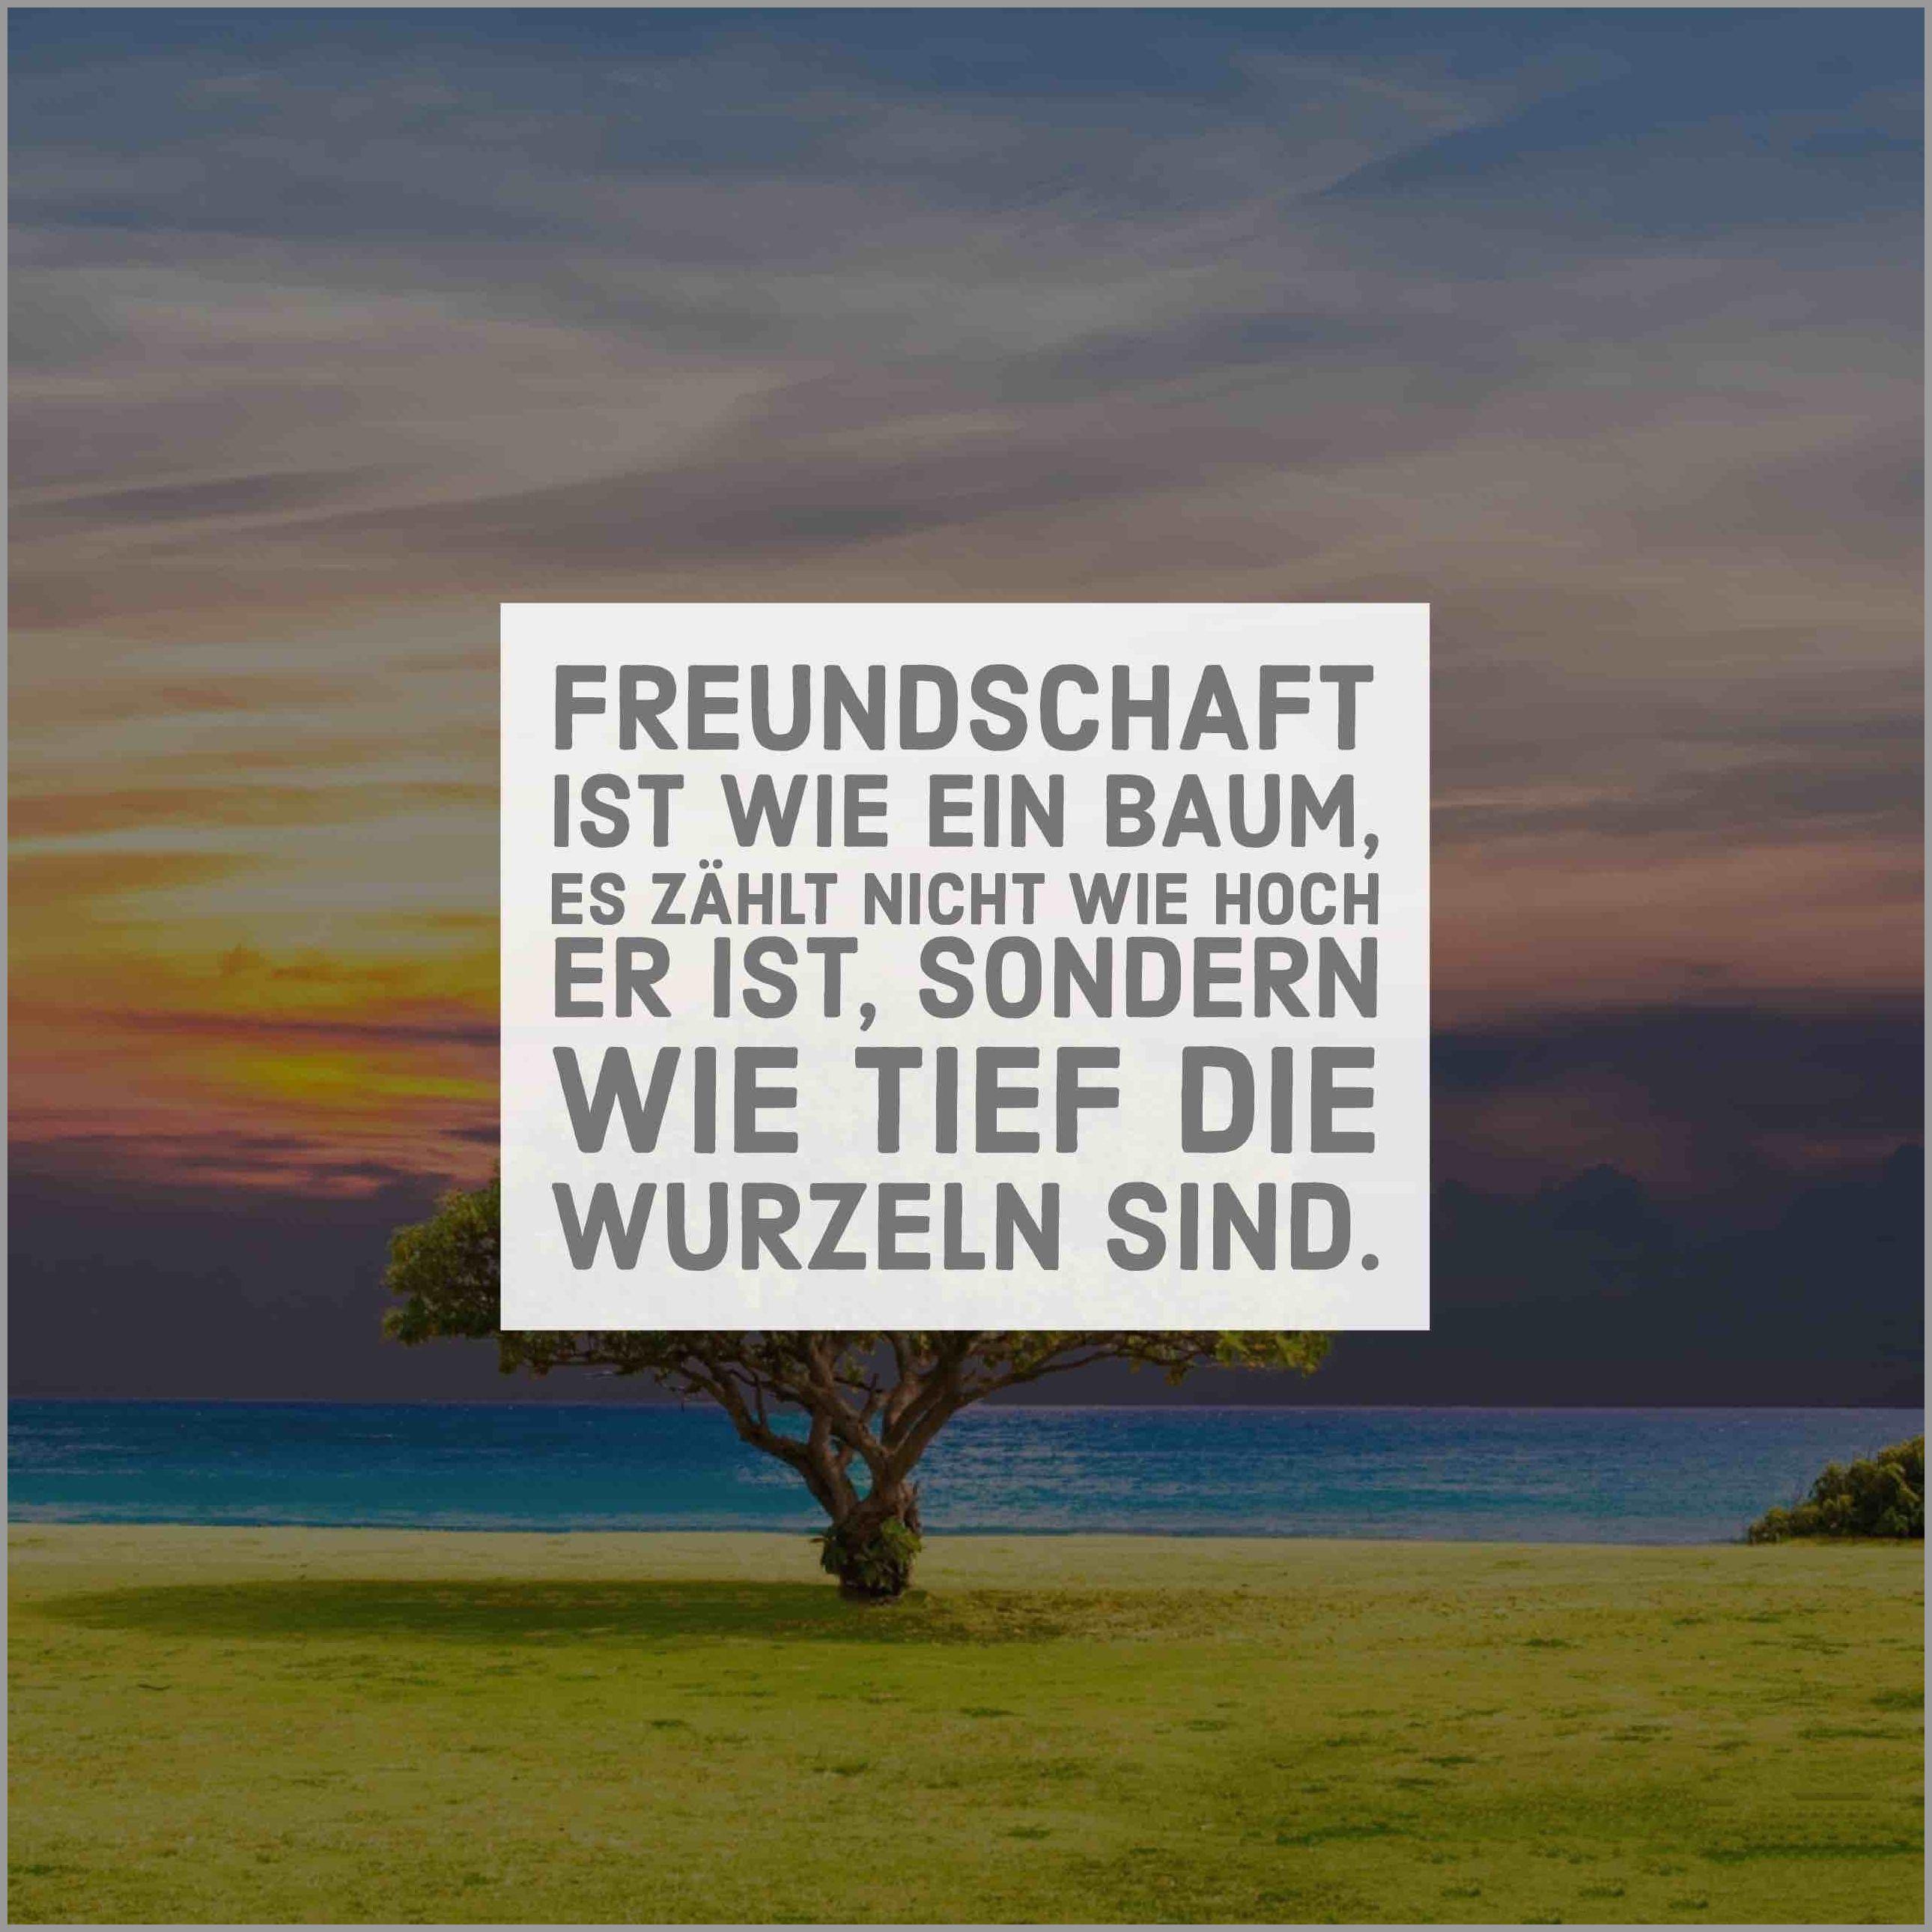 Freundschaft ist wie ein baum es zaehlt nicht wie hoch er ist sondern wie tief die wurzeln sind - Freundschaft ist wie ein baum es zaehlt nicht wie hoch er ist sondern wie tief die wurzeln sind